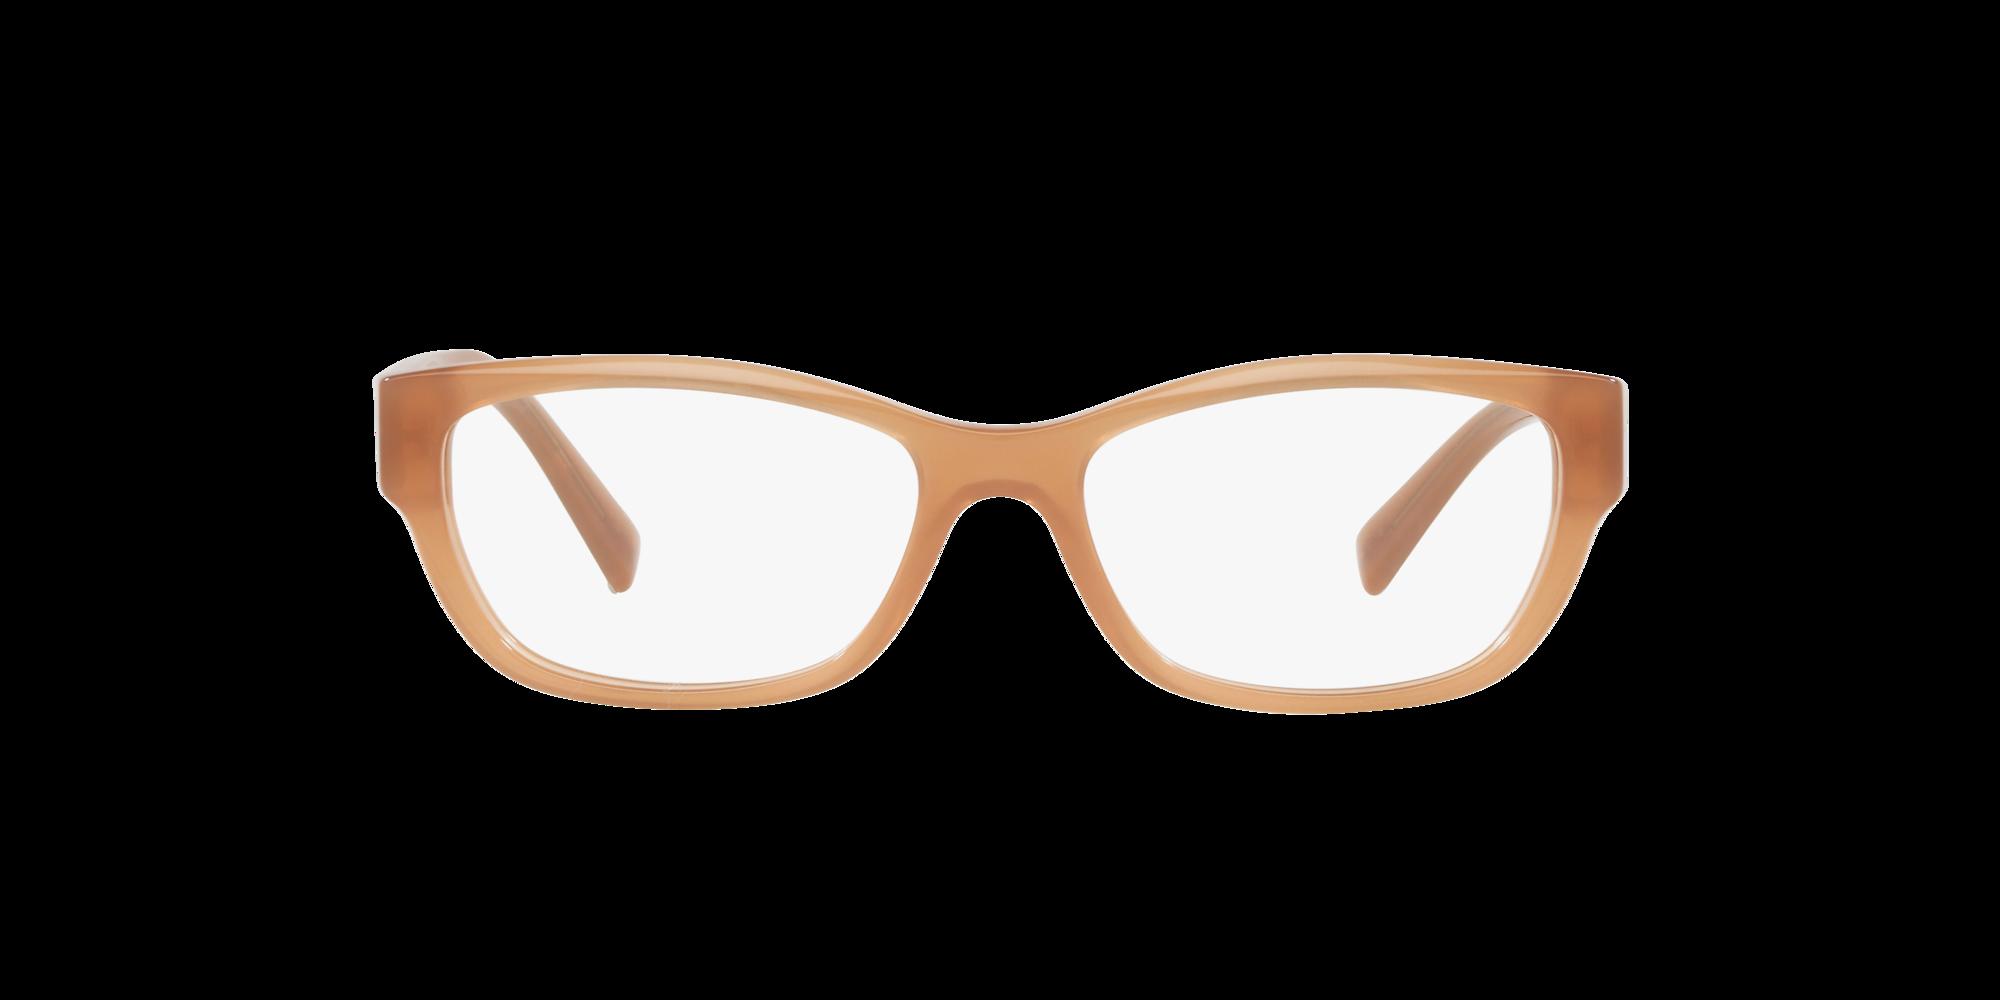 Imagen para TF2172 de LensCrafters |  Espejuelos, espejuelos graduados en línea, gafas